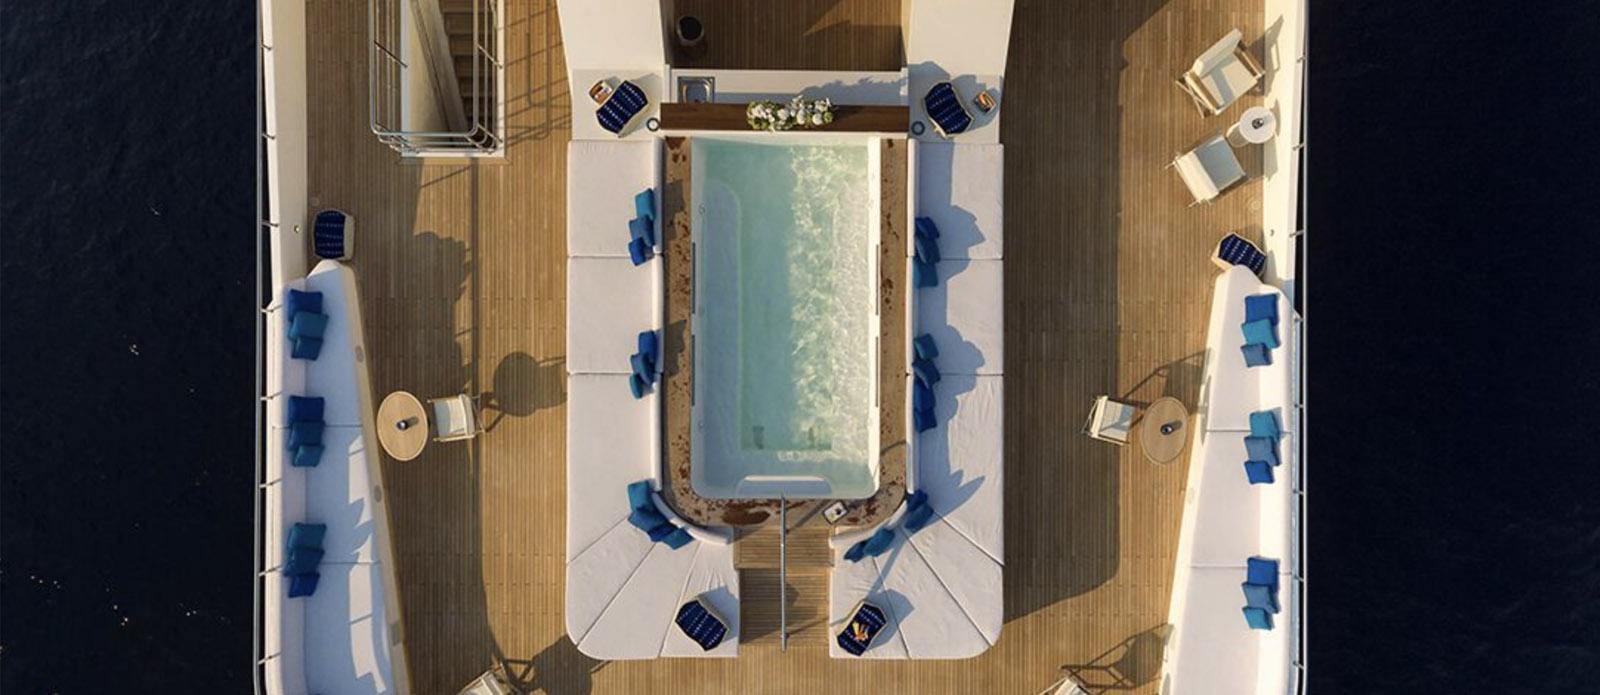 Serenity - Aerial of Pool